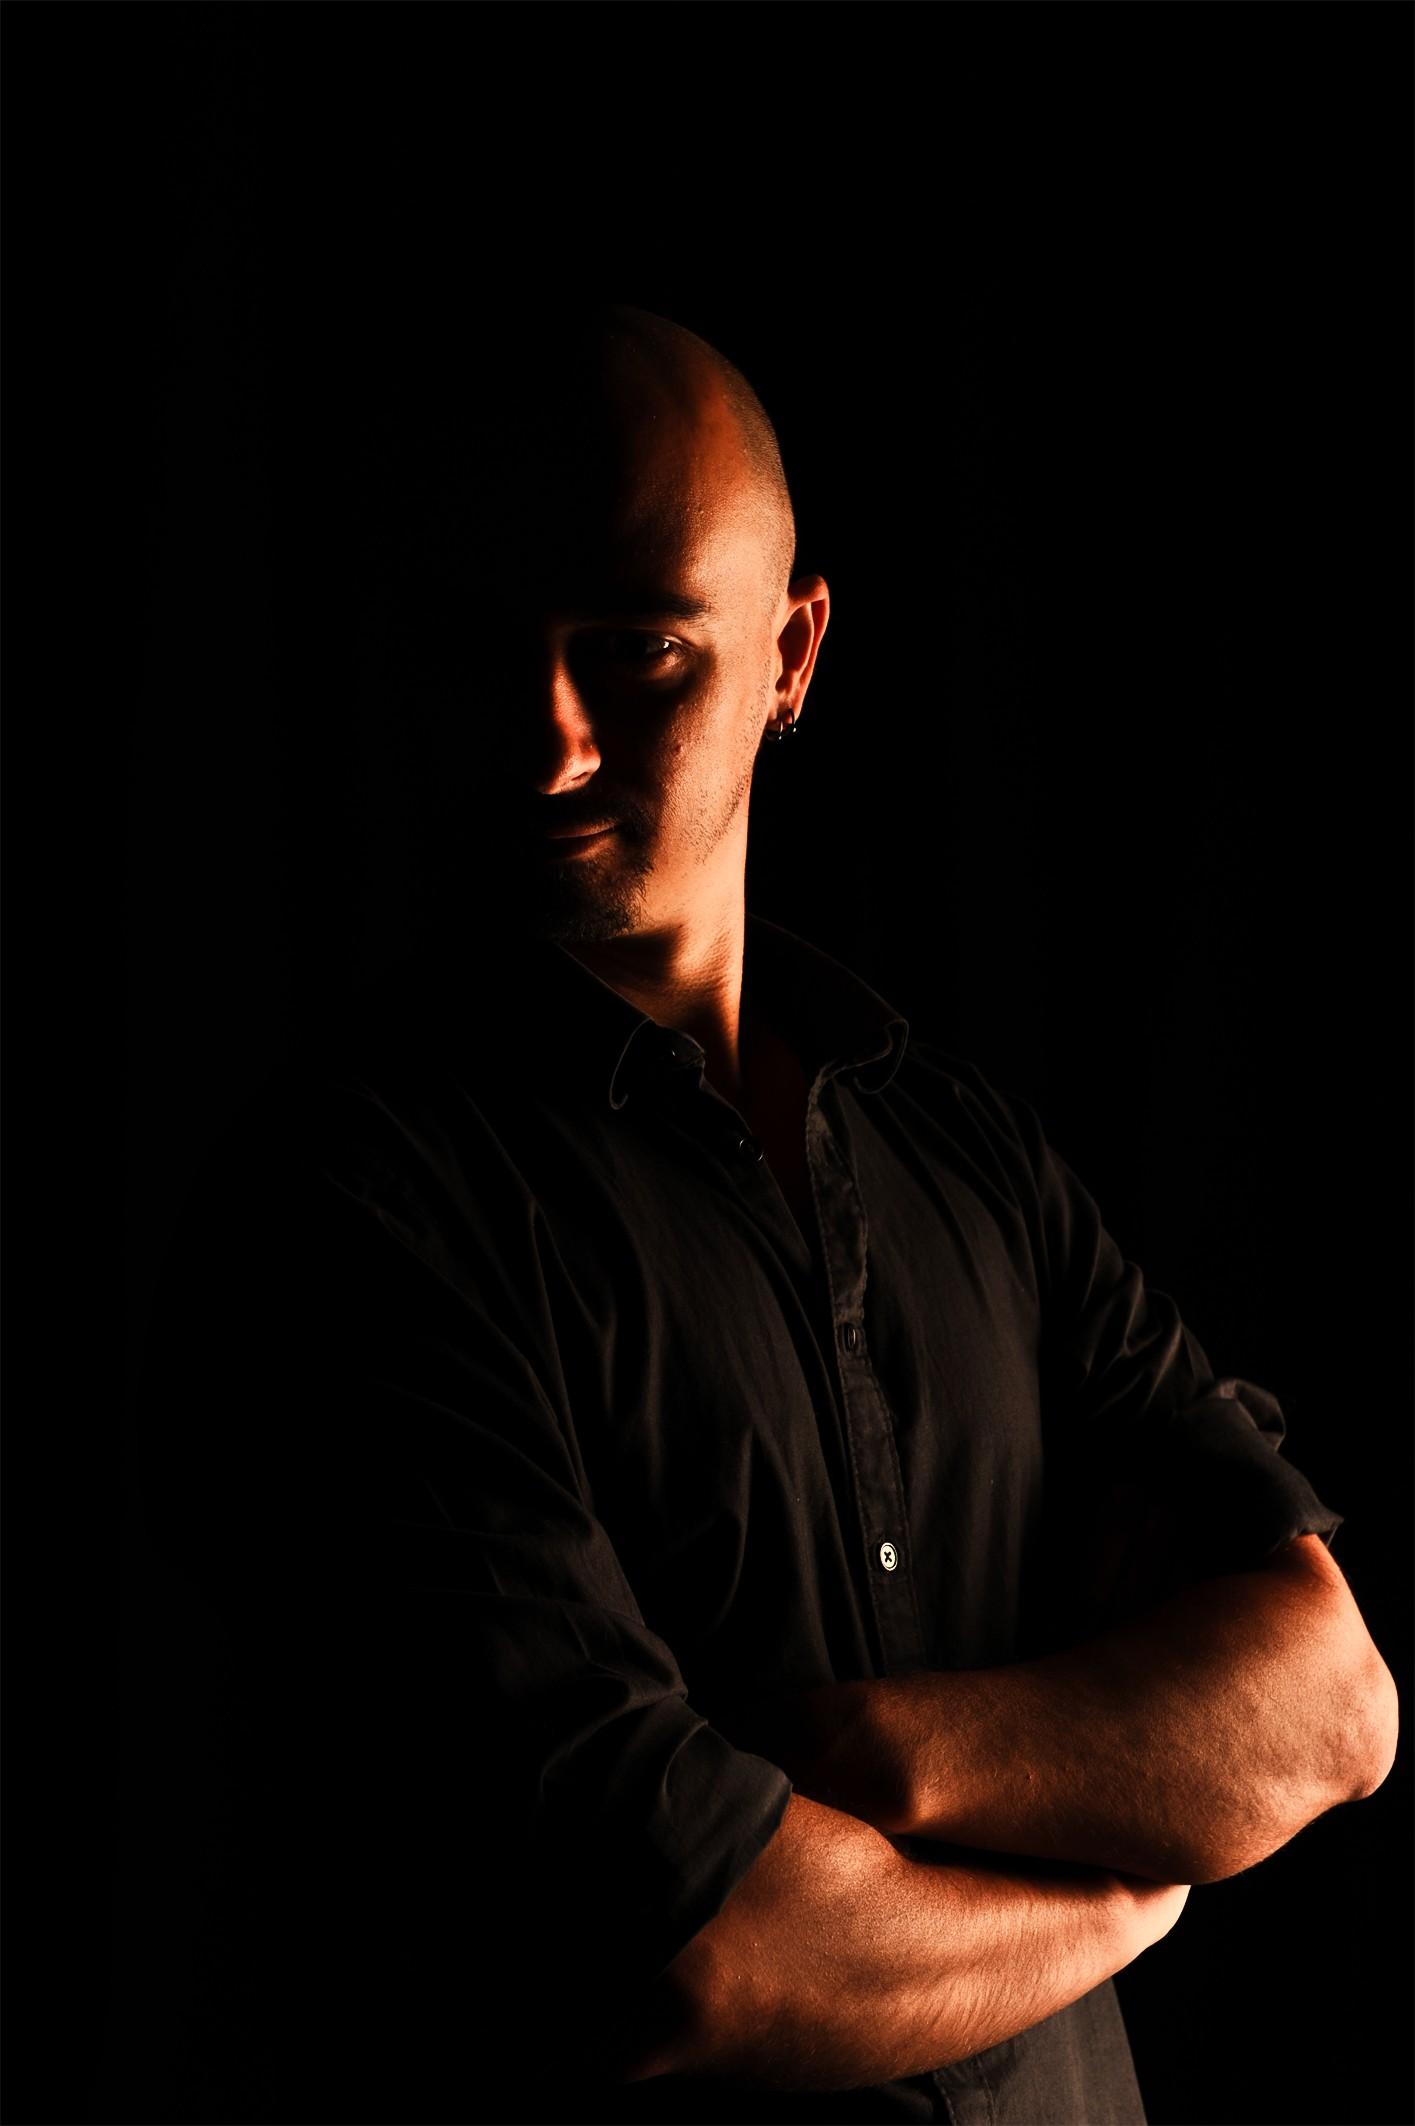 Luc Dark